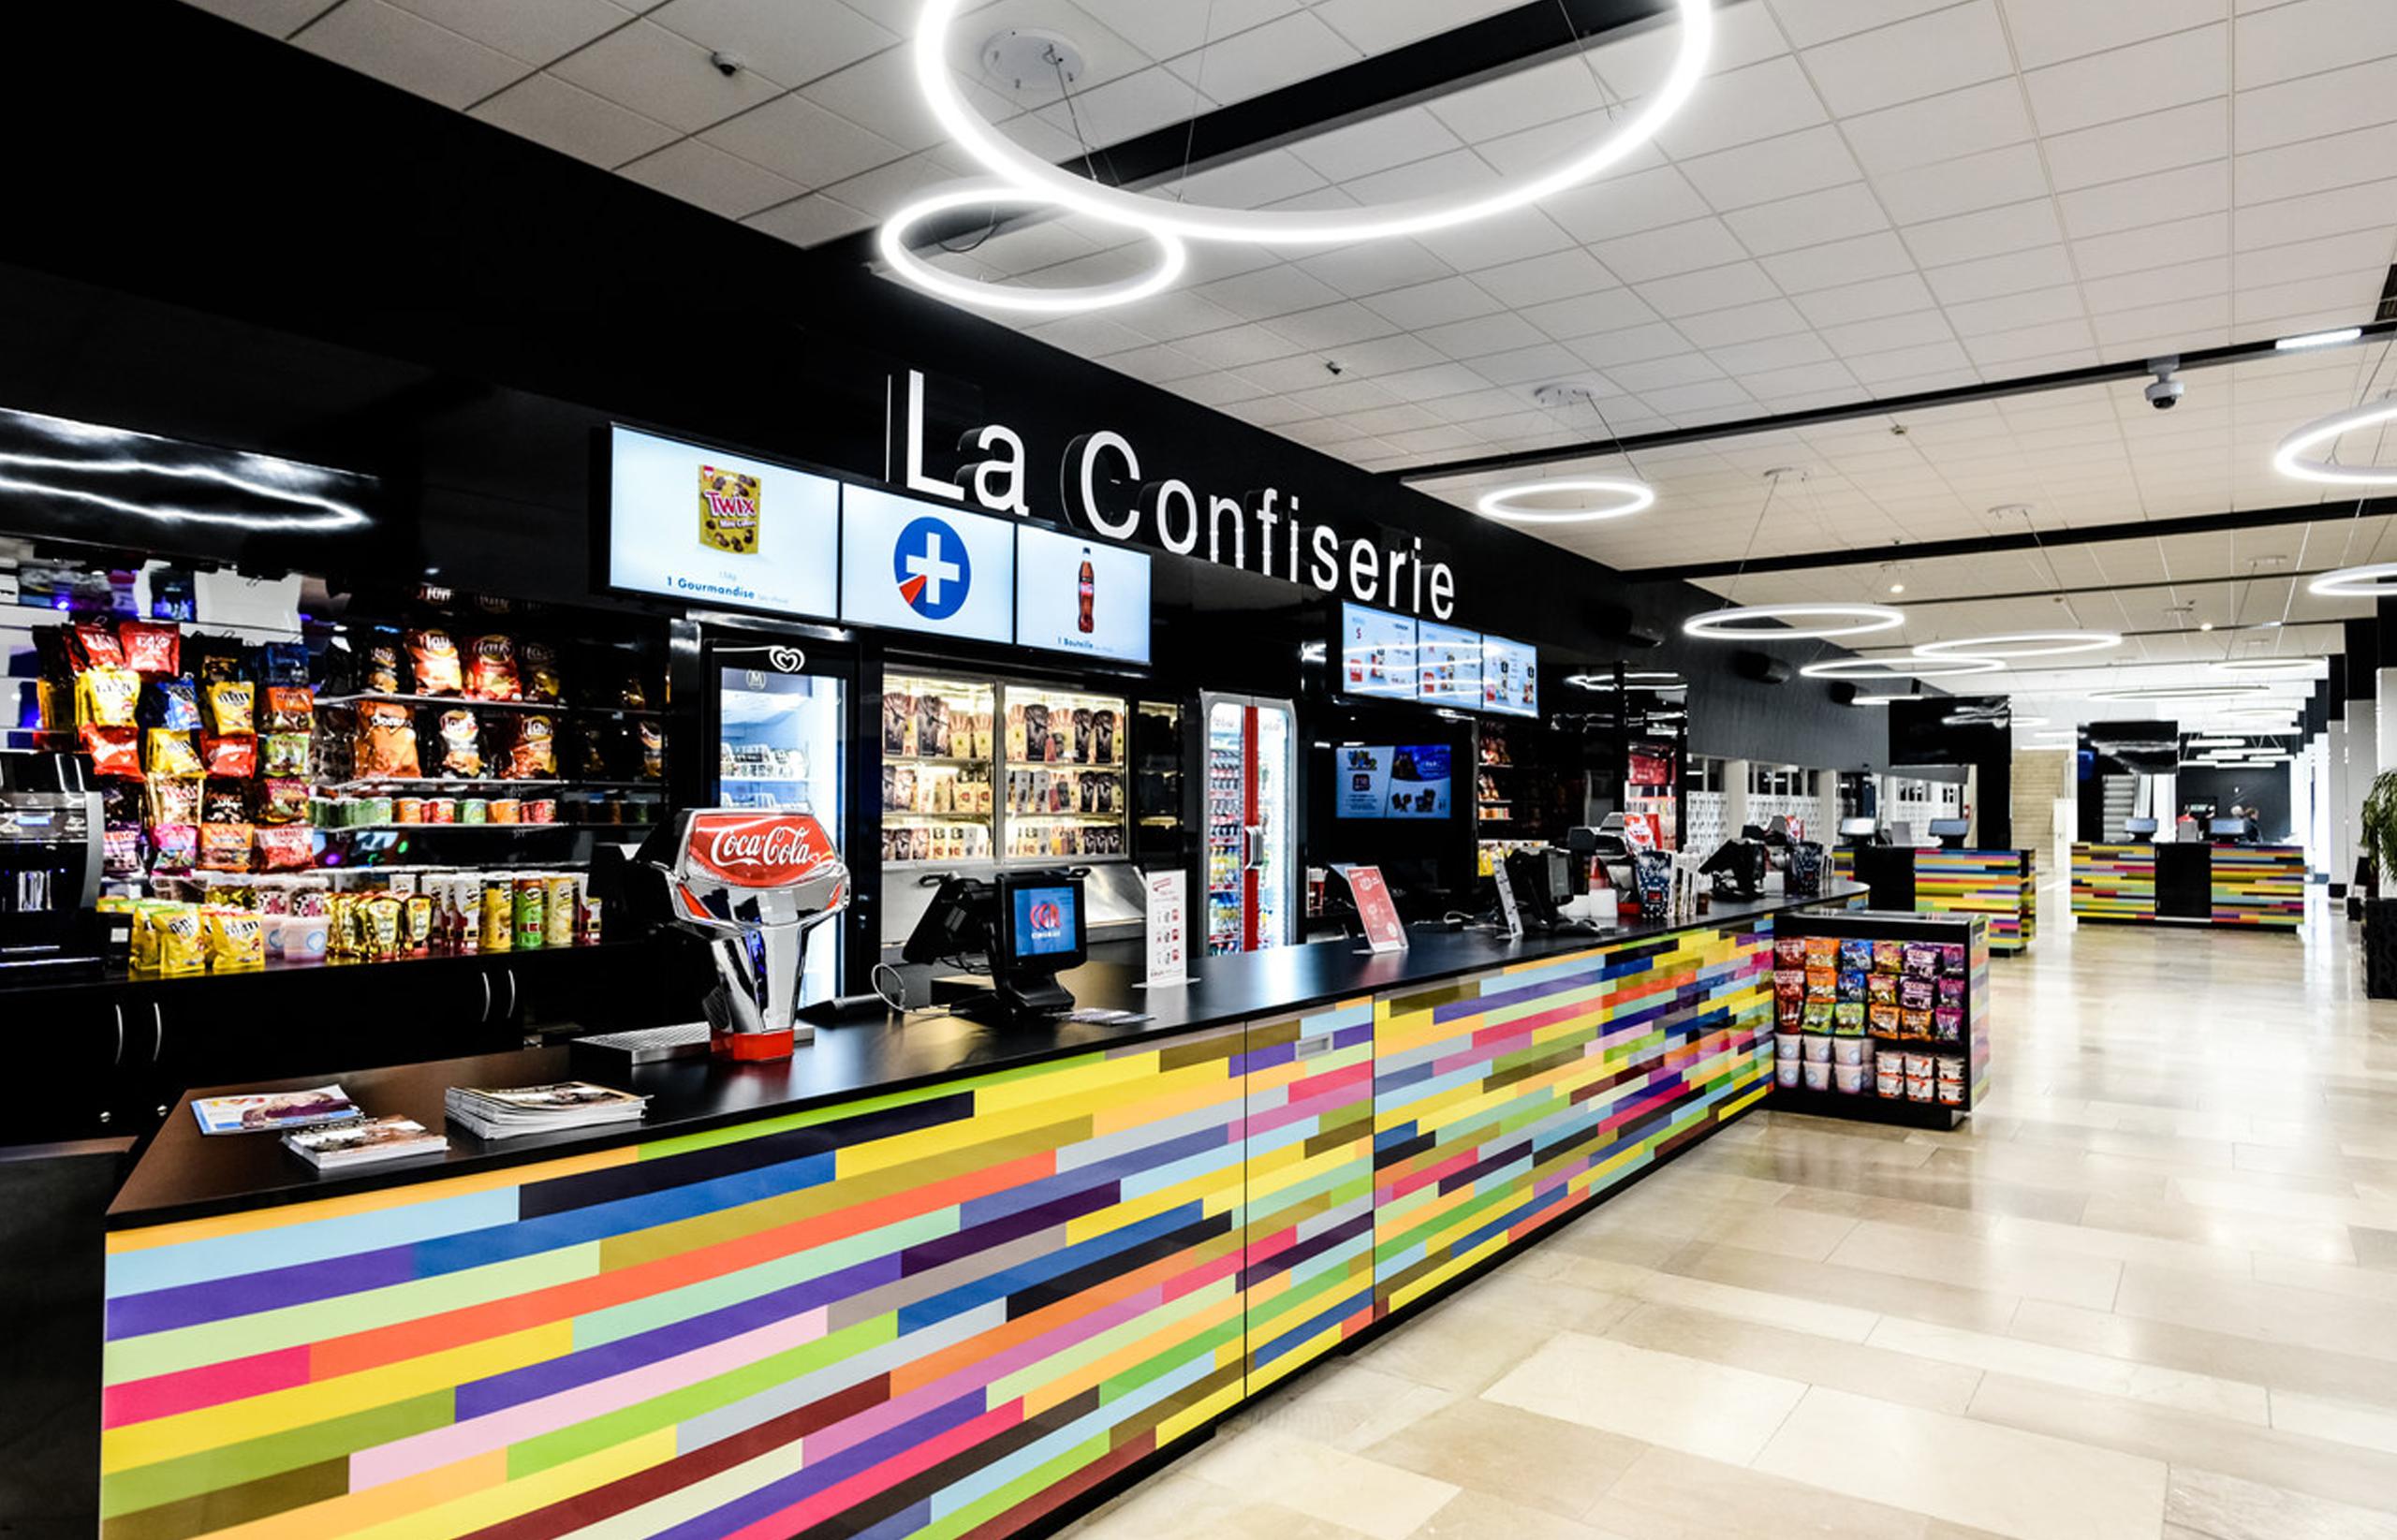 Photo du stand de confiserie situé dans les halls des cinémas CGR